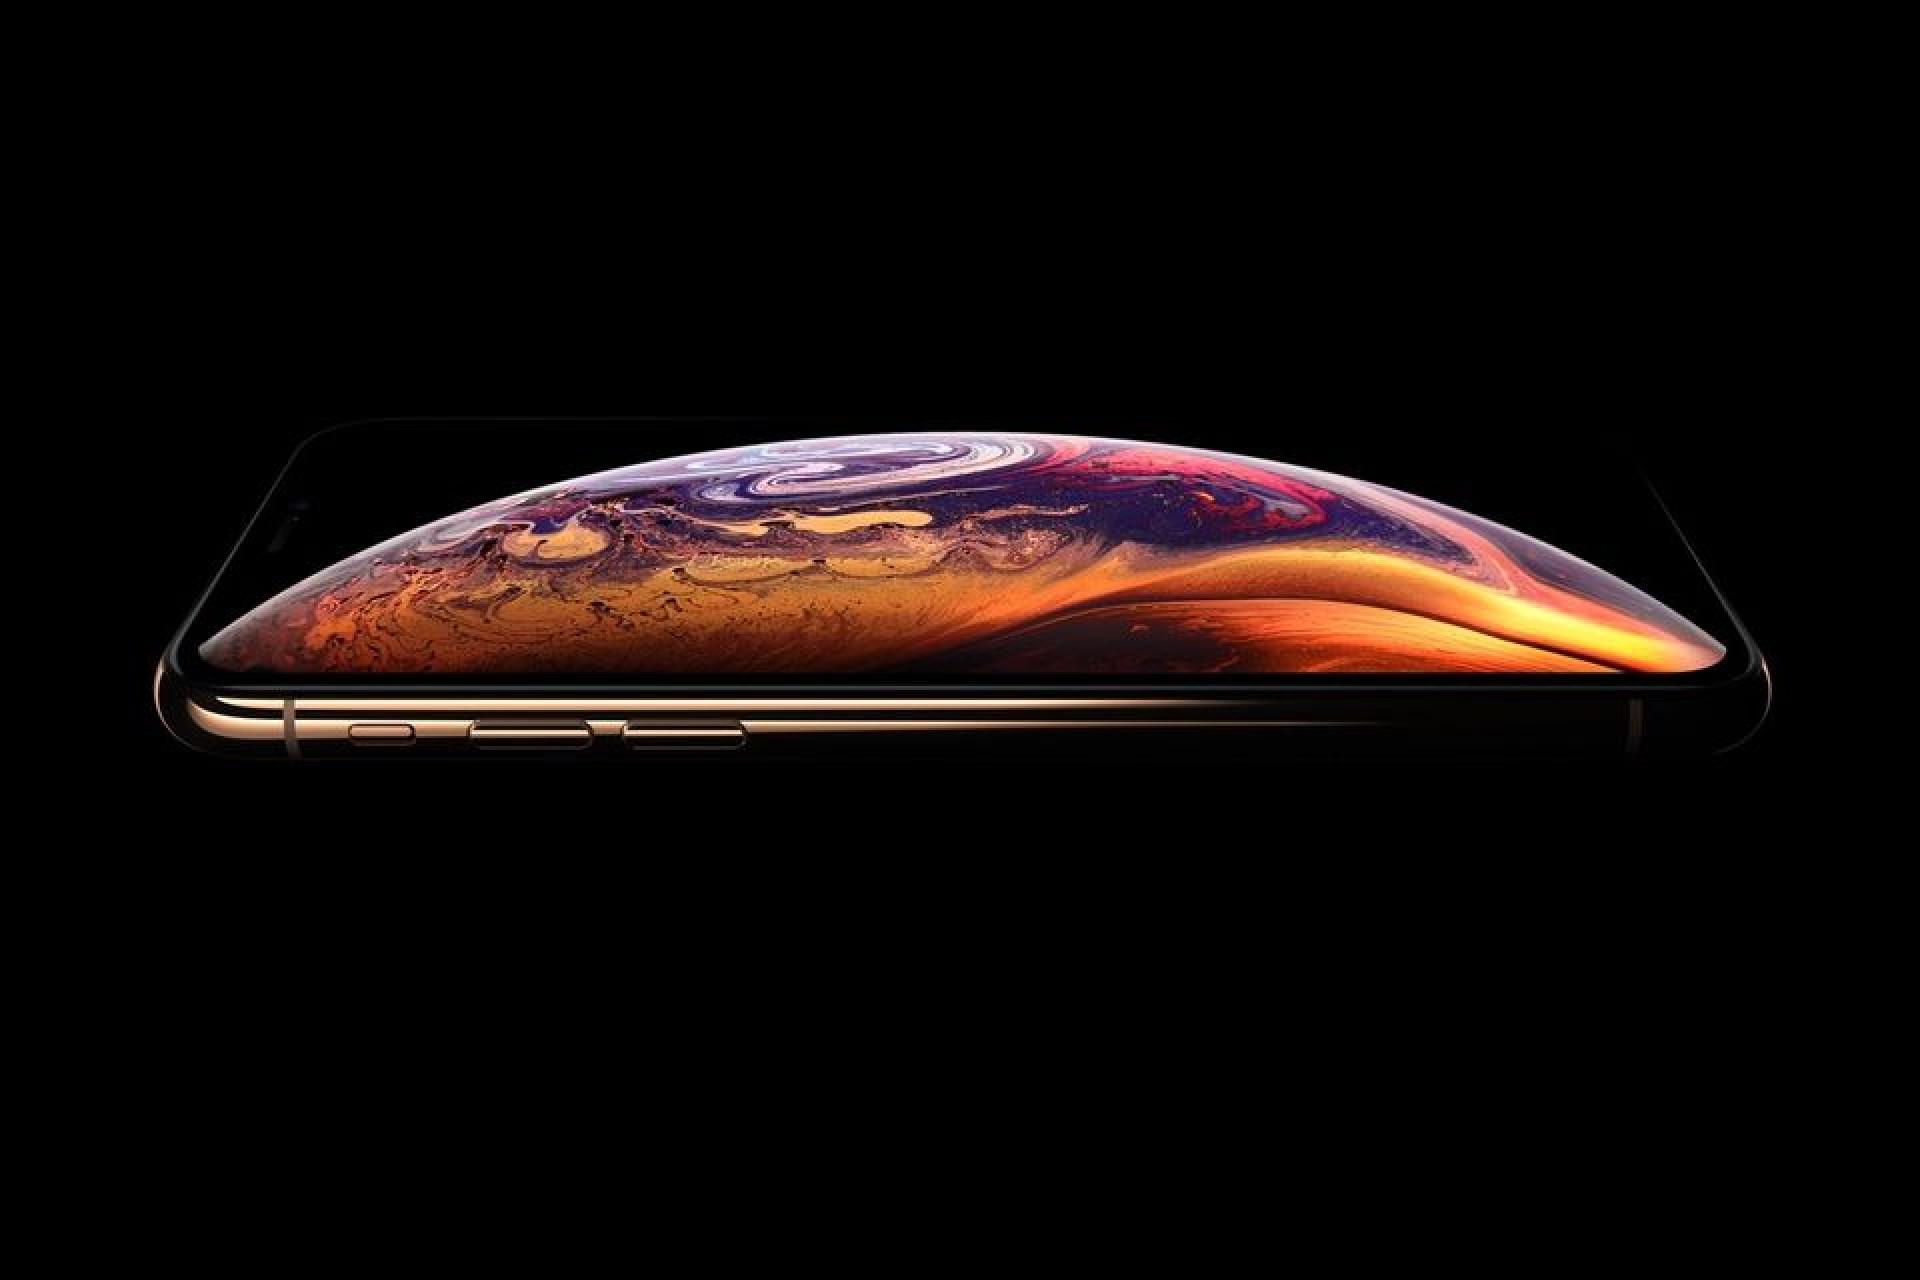 O iPhone Xr e iPhone Xs. Veja todas as cores dos novos modelos